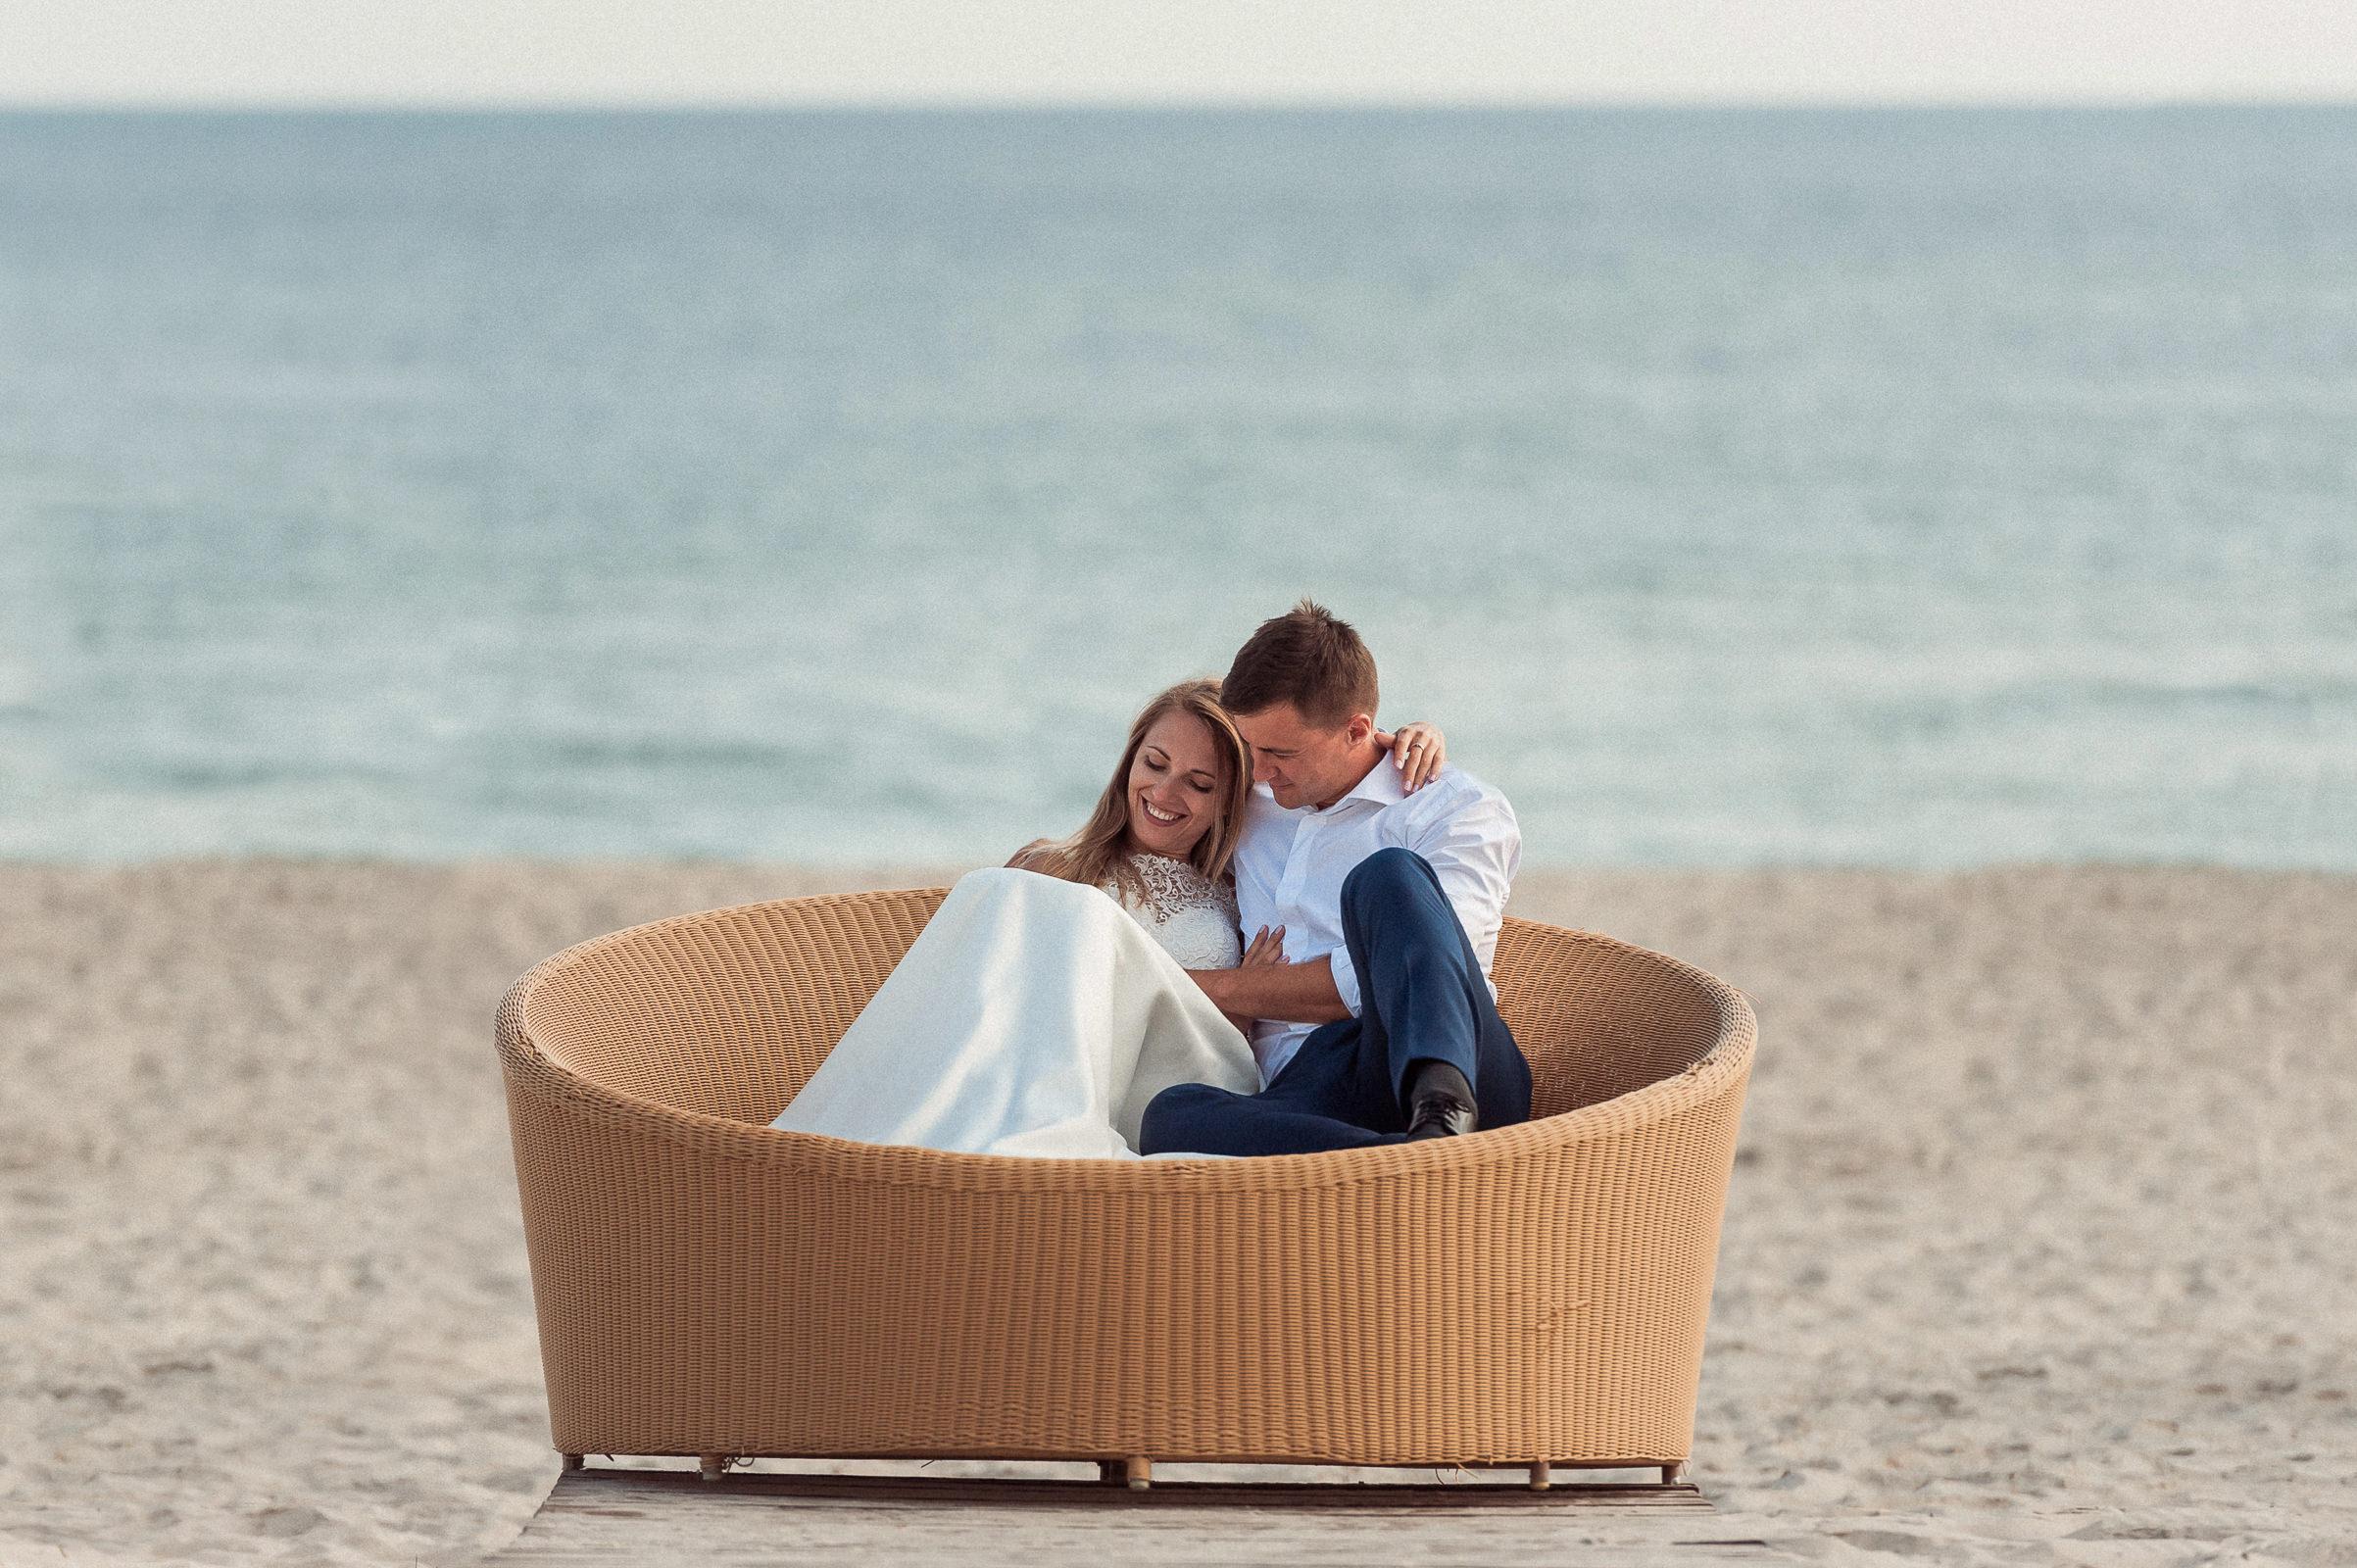 zakochani leżą na szerokim ratanowym koszu na piaszczystej plaży